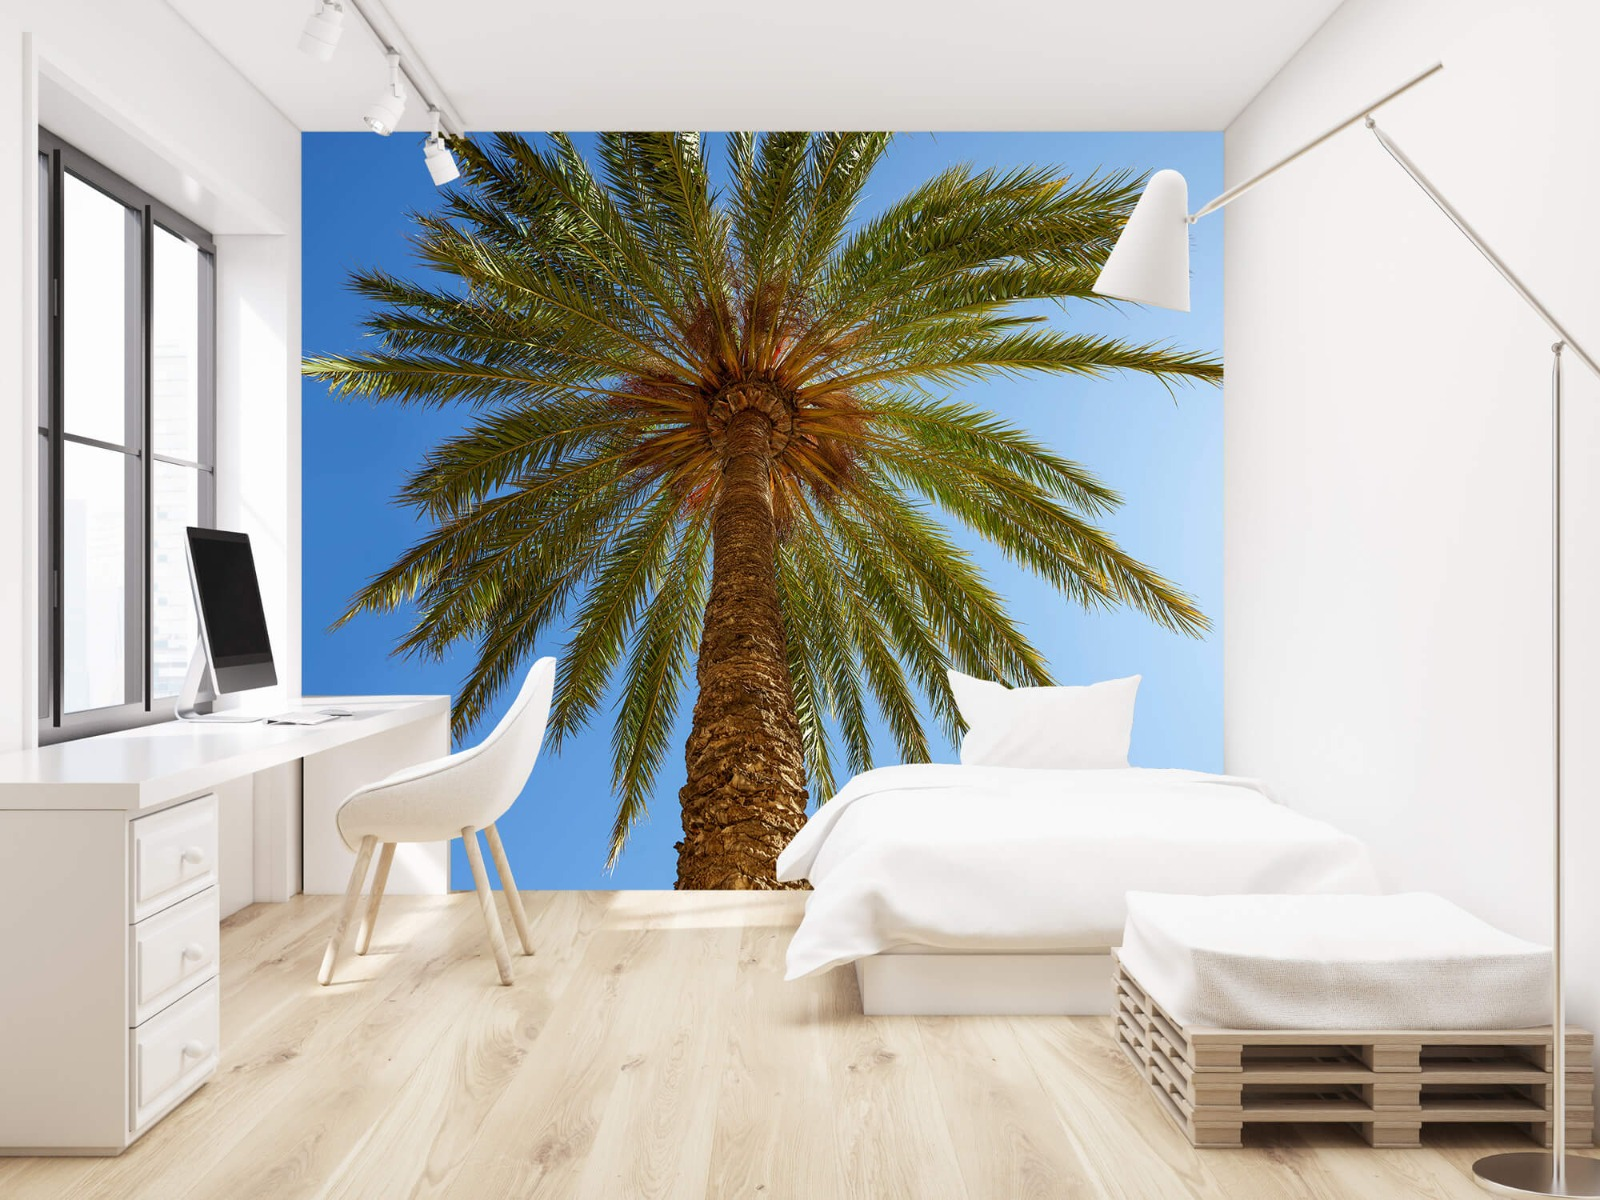 Palmbomen - Gedetailleerde Palmboom - Slaapkamer 22